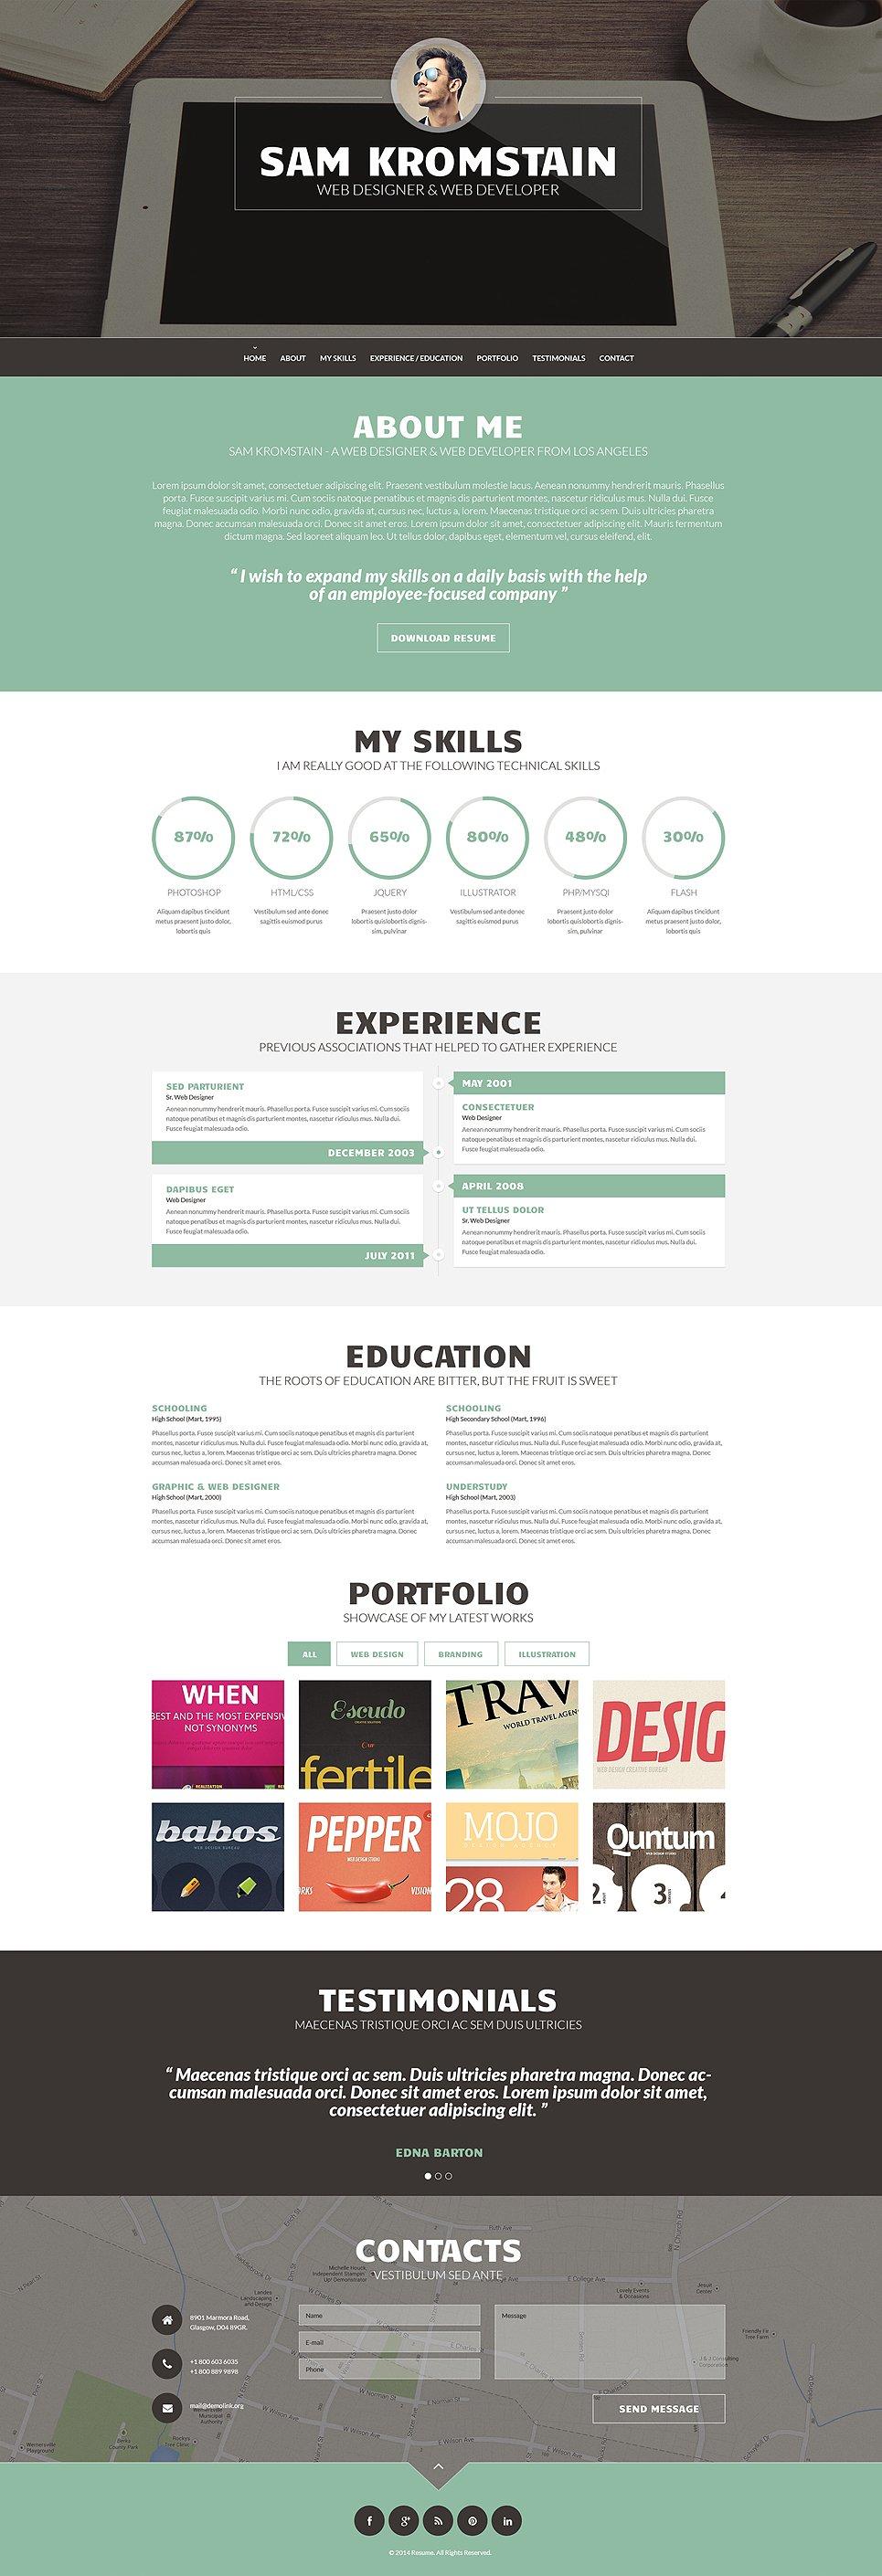 Адаптивный шаблон сайта на тему портфолио дизайнера #49157